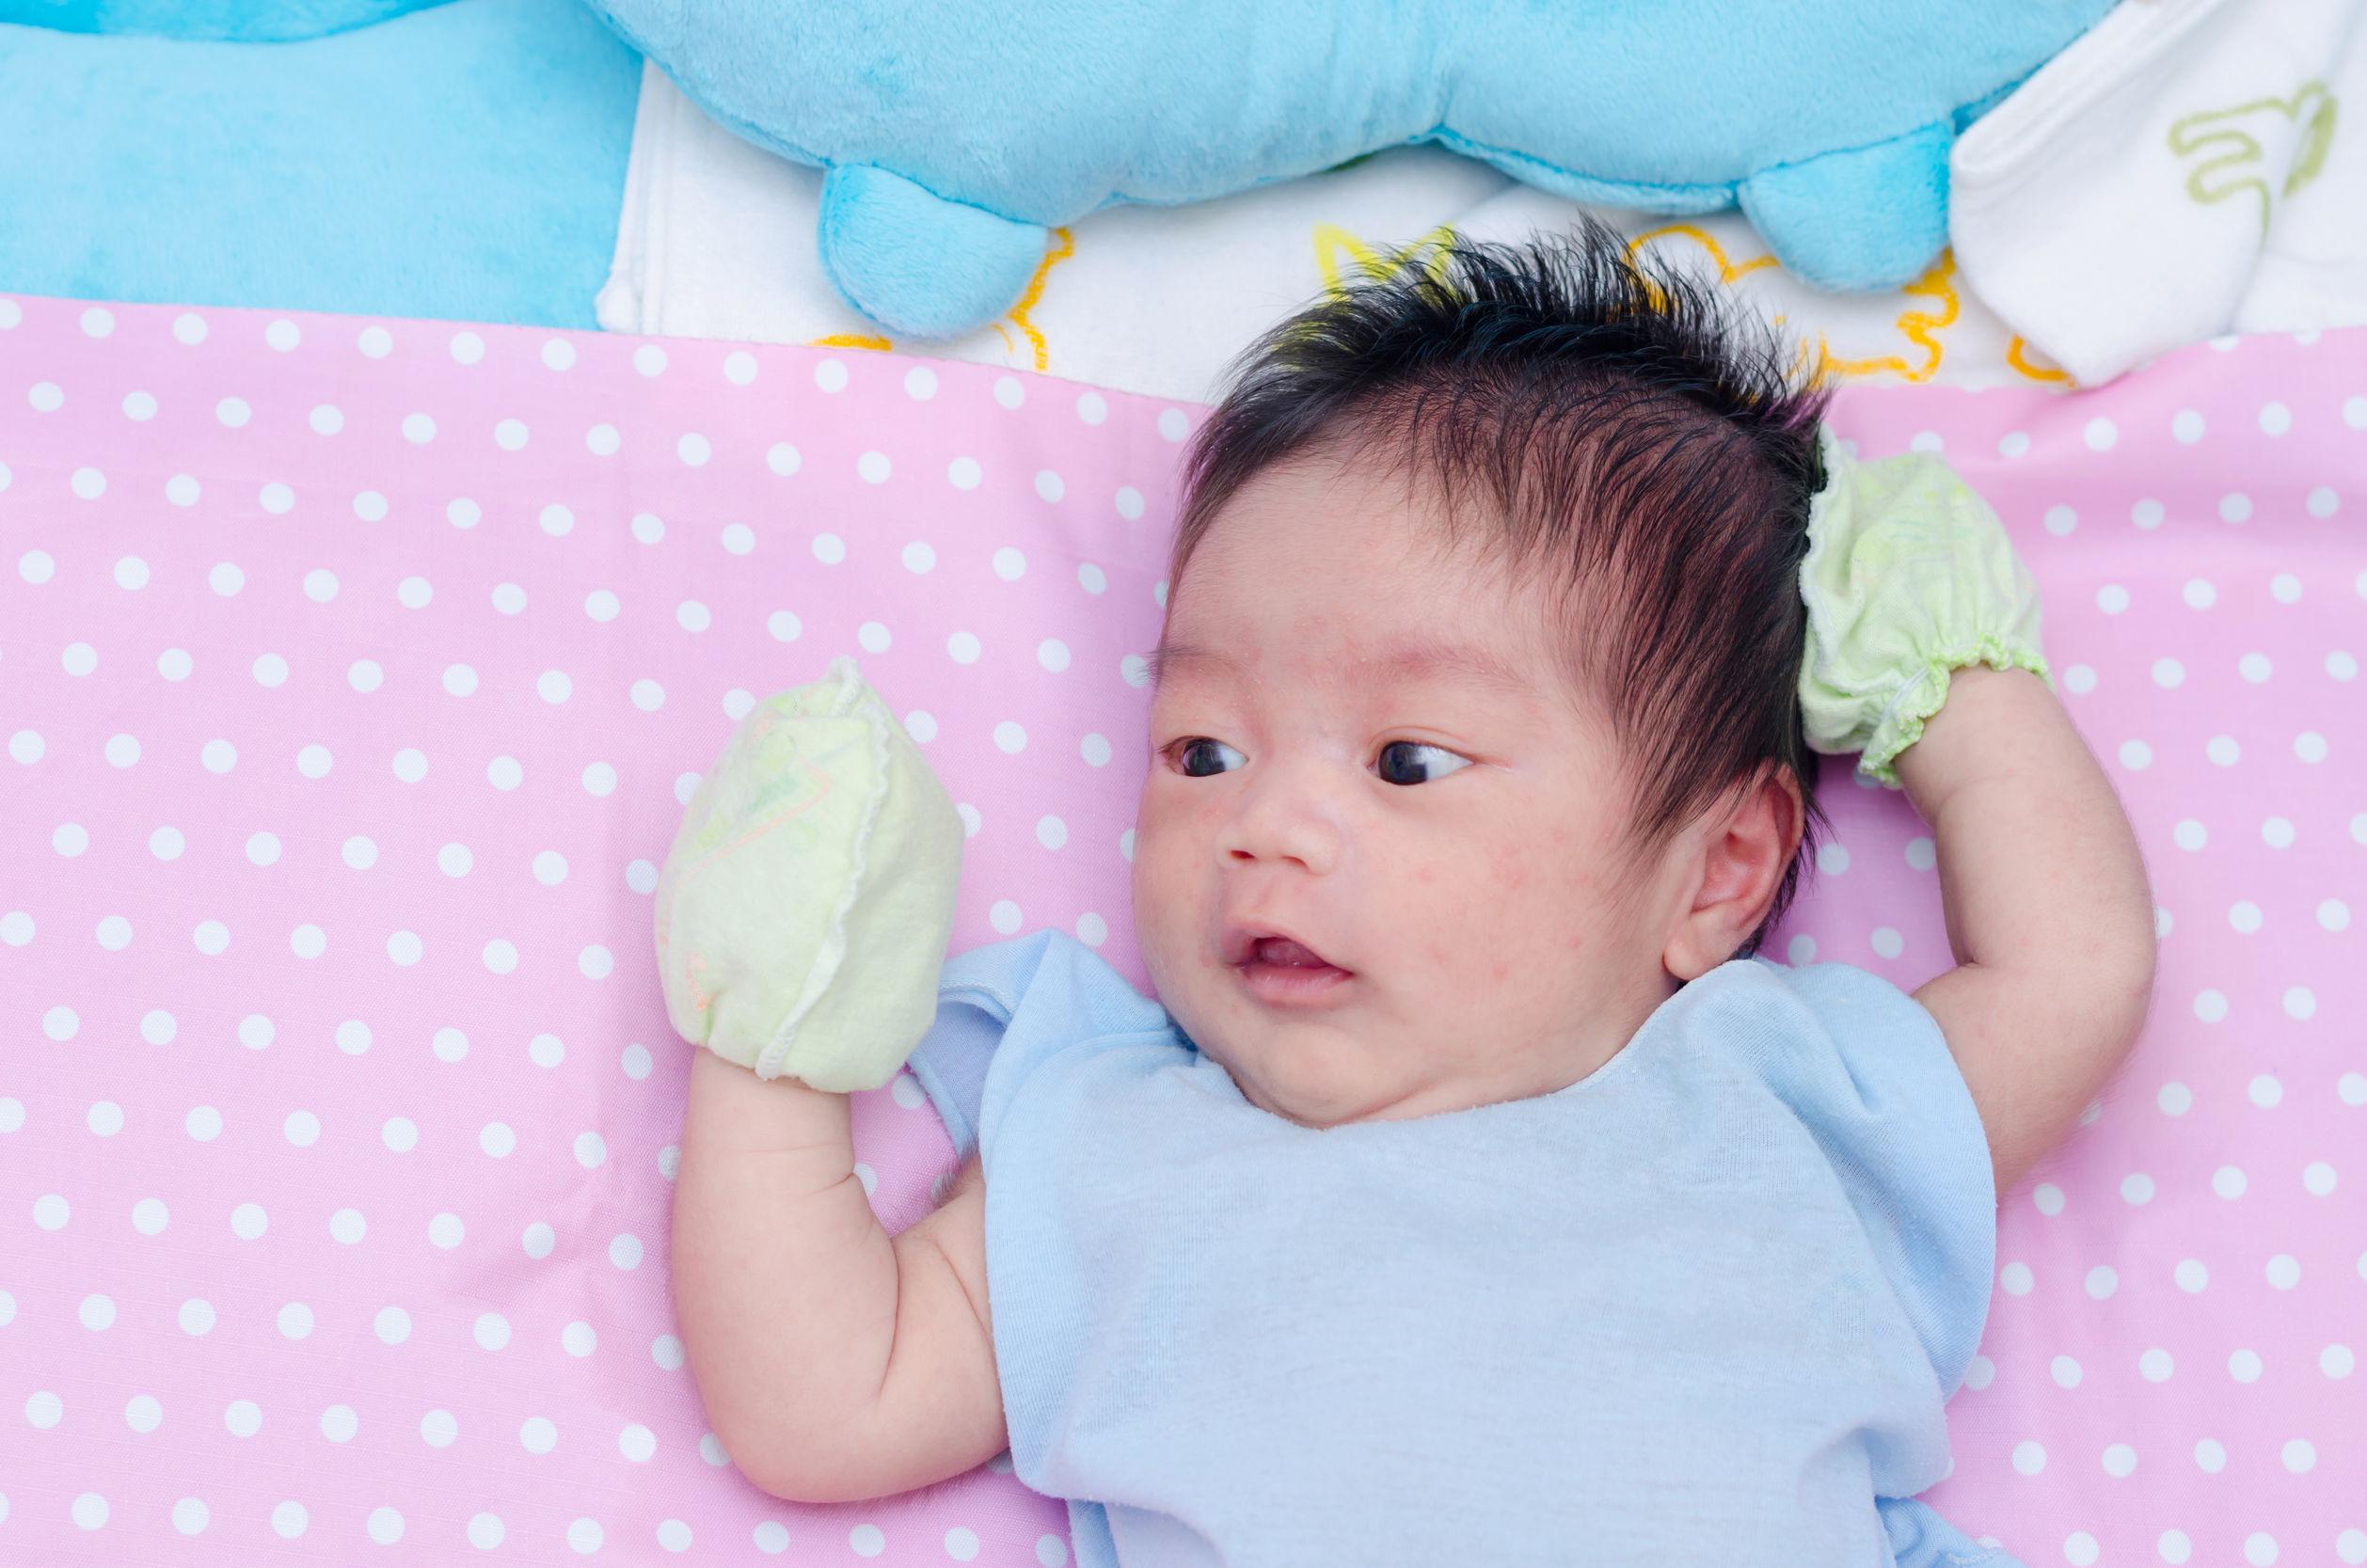 Jerawat Bisa Terjadi Pada Bayi dan Anak